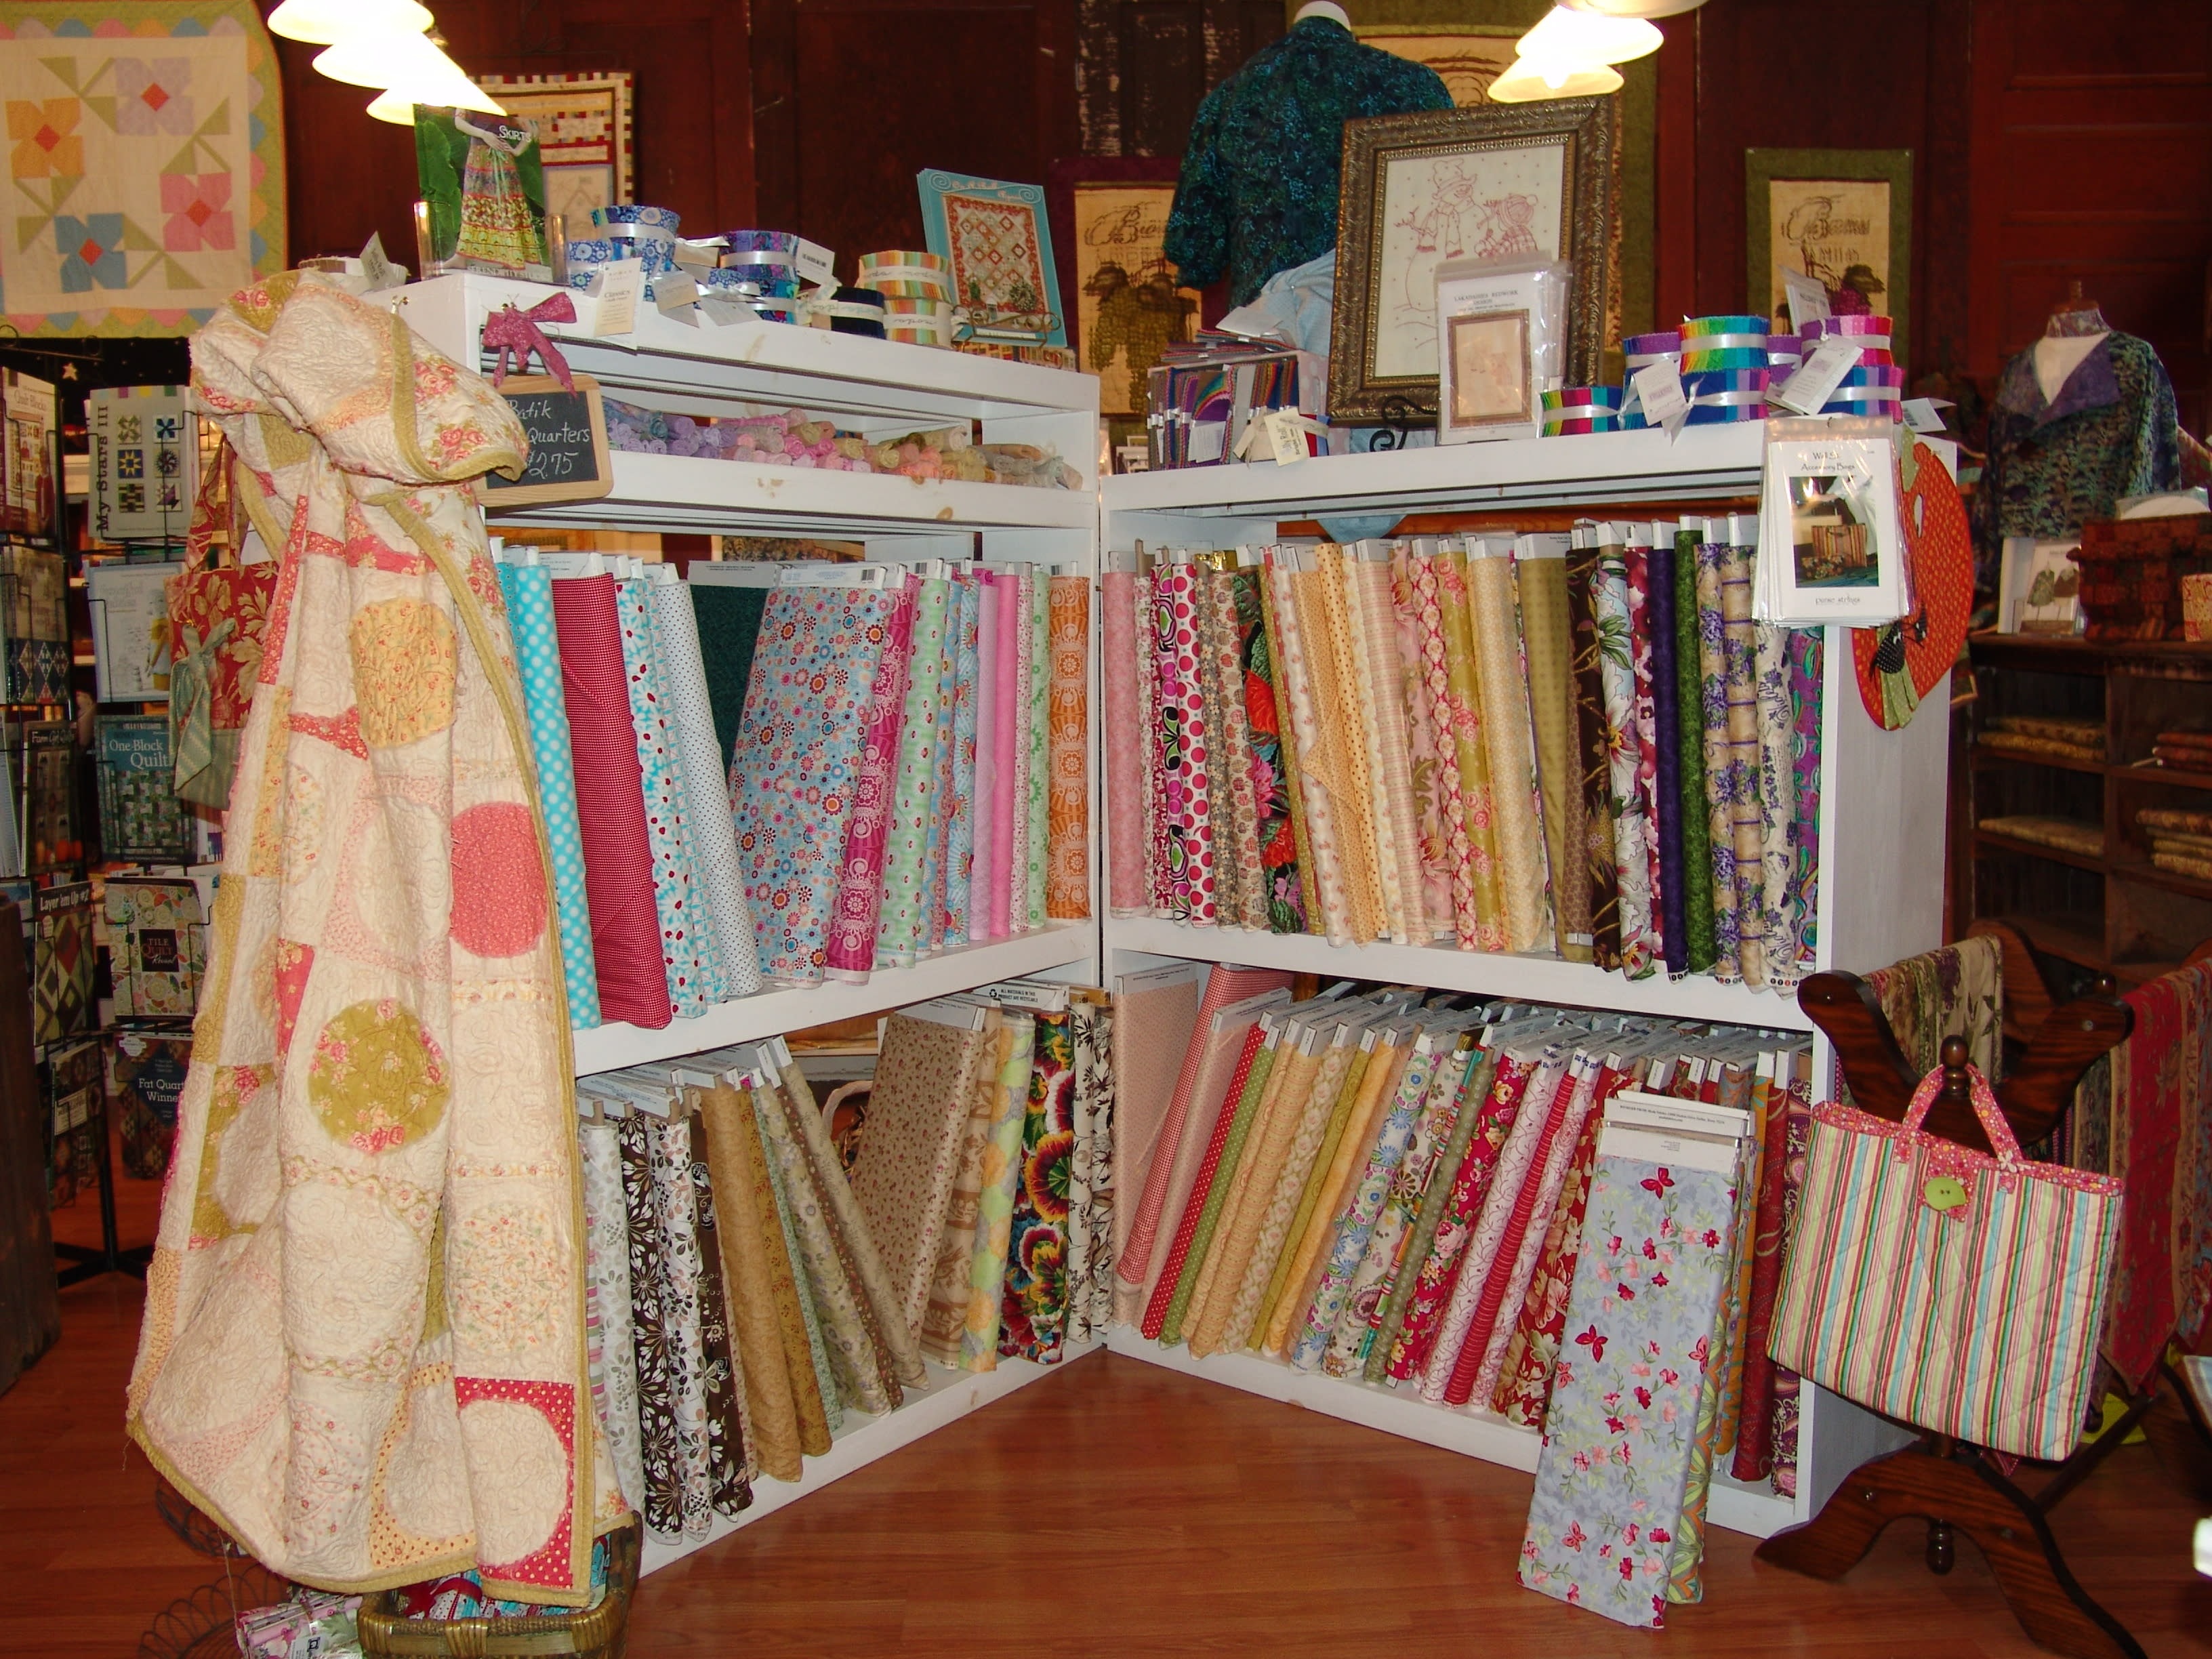 Shopping galore at O'Susannah's!